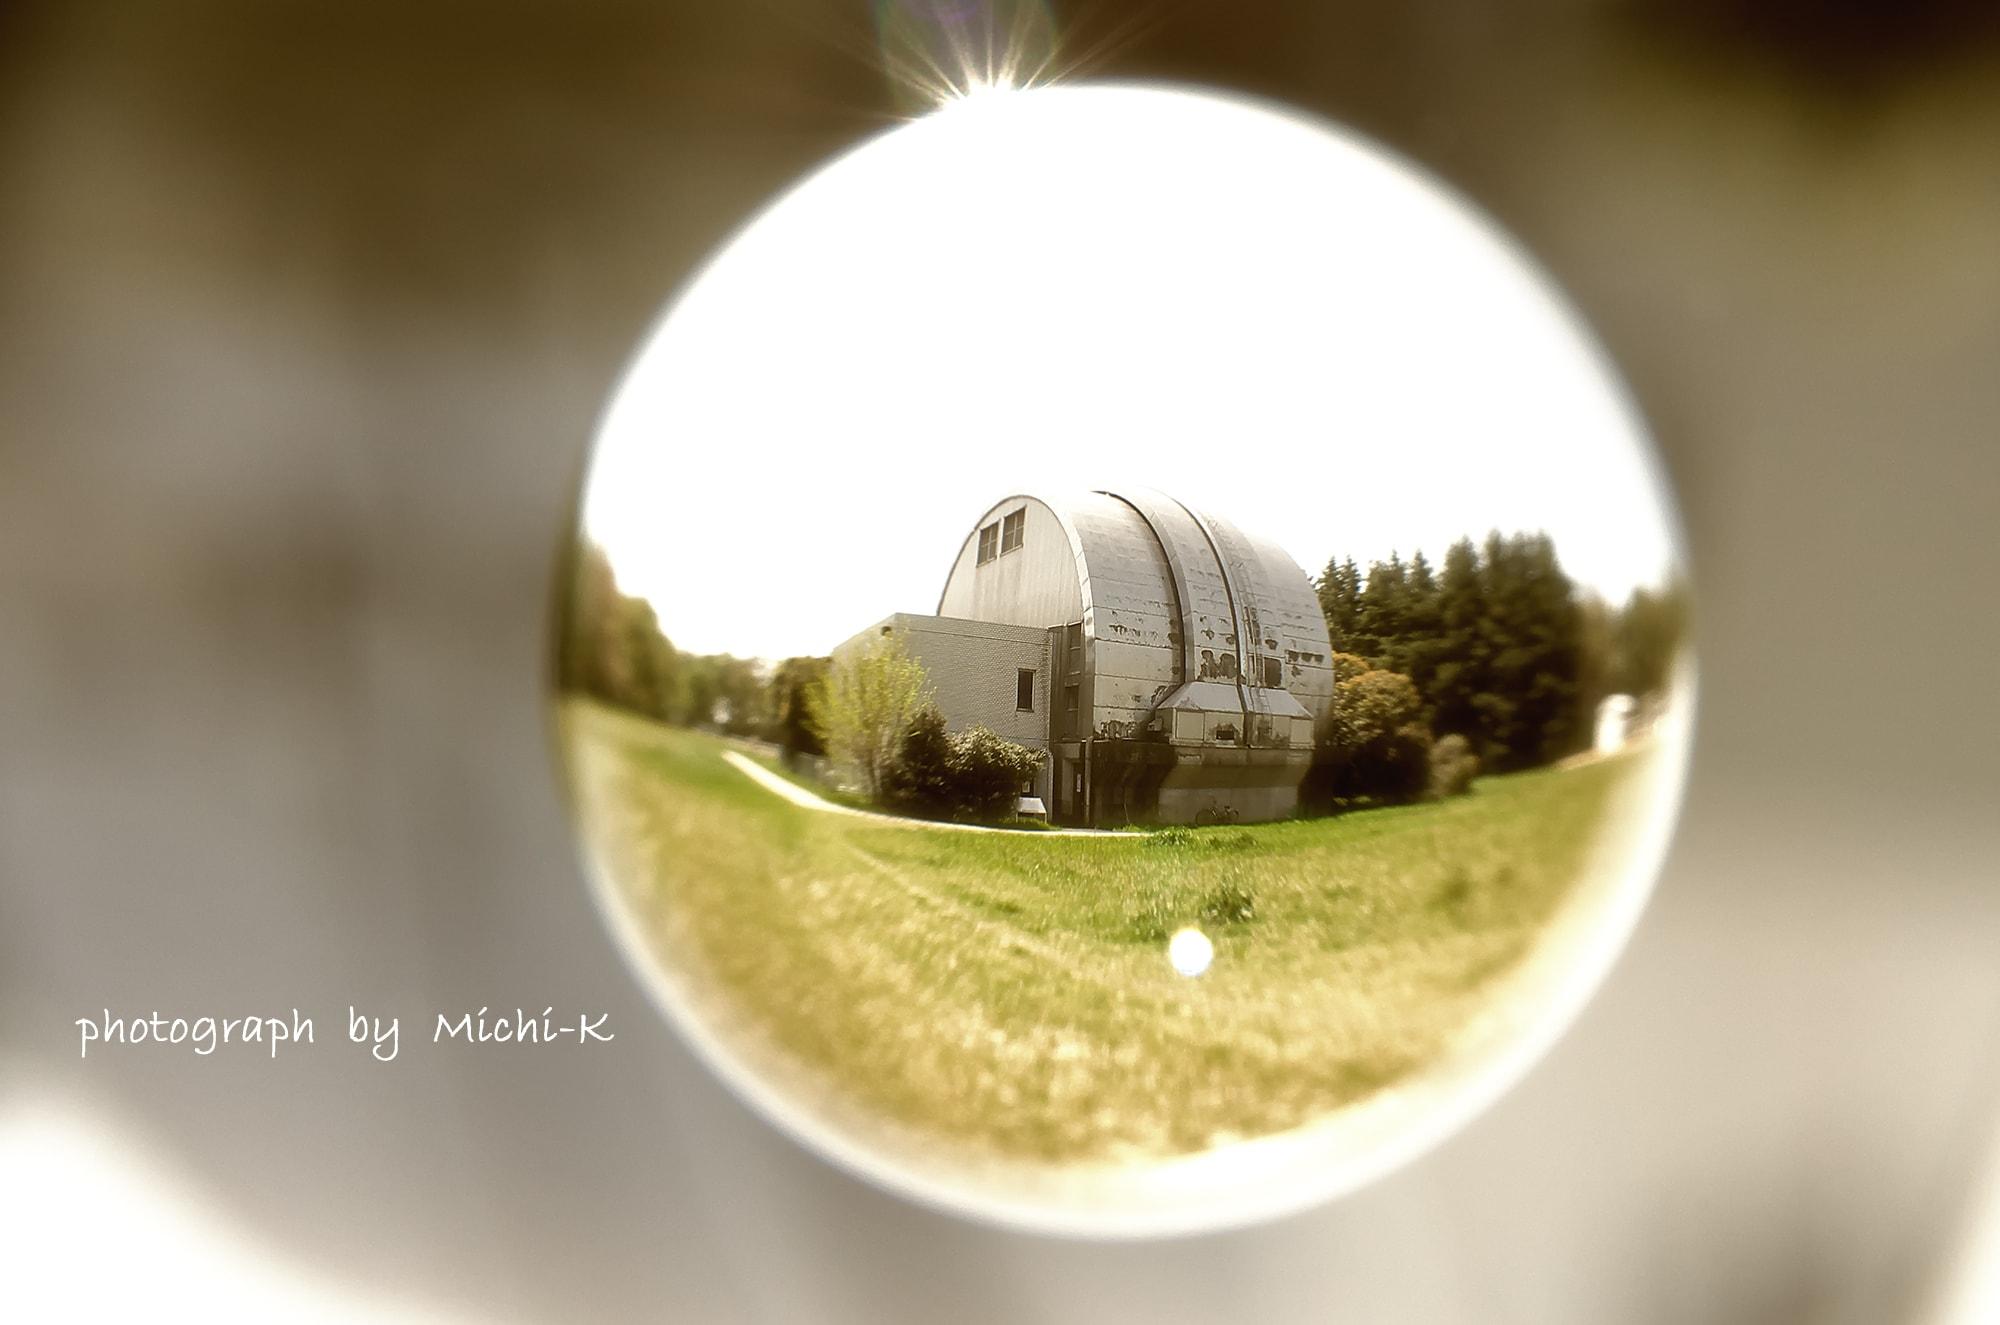 国立天文台三鷹キャンパスの天文機器資料館-宙玉